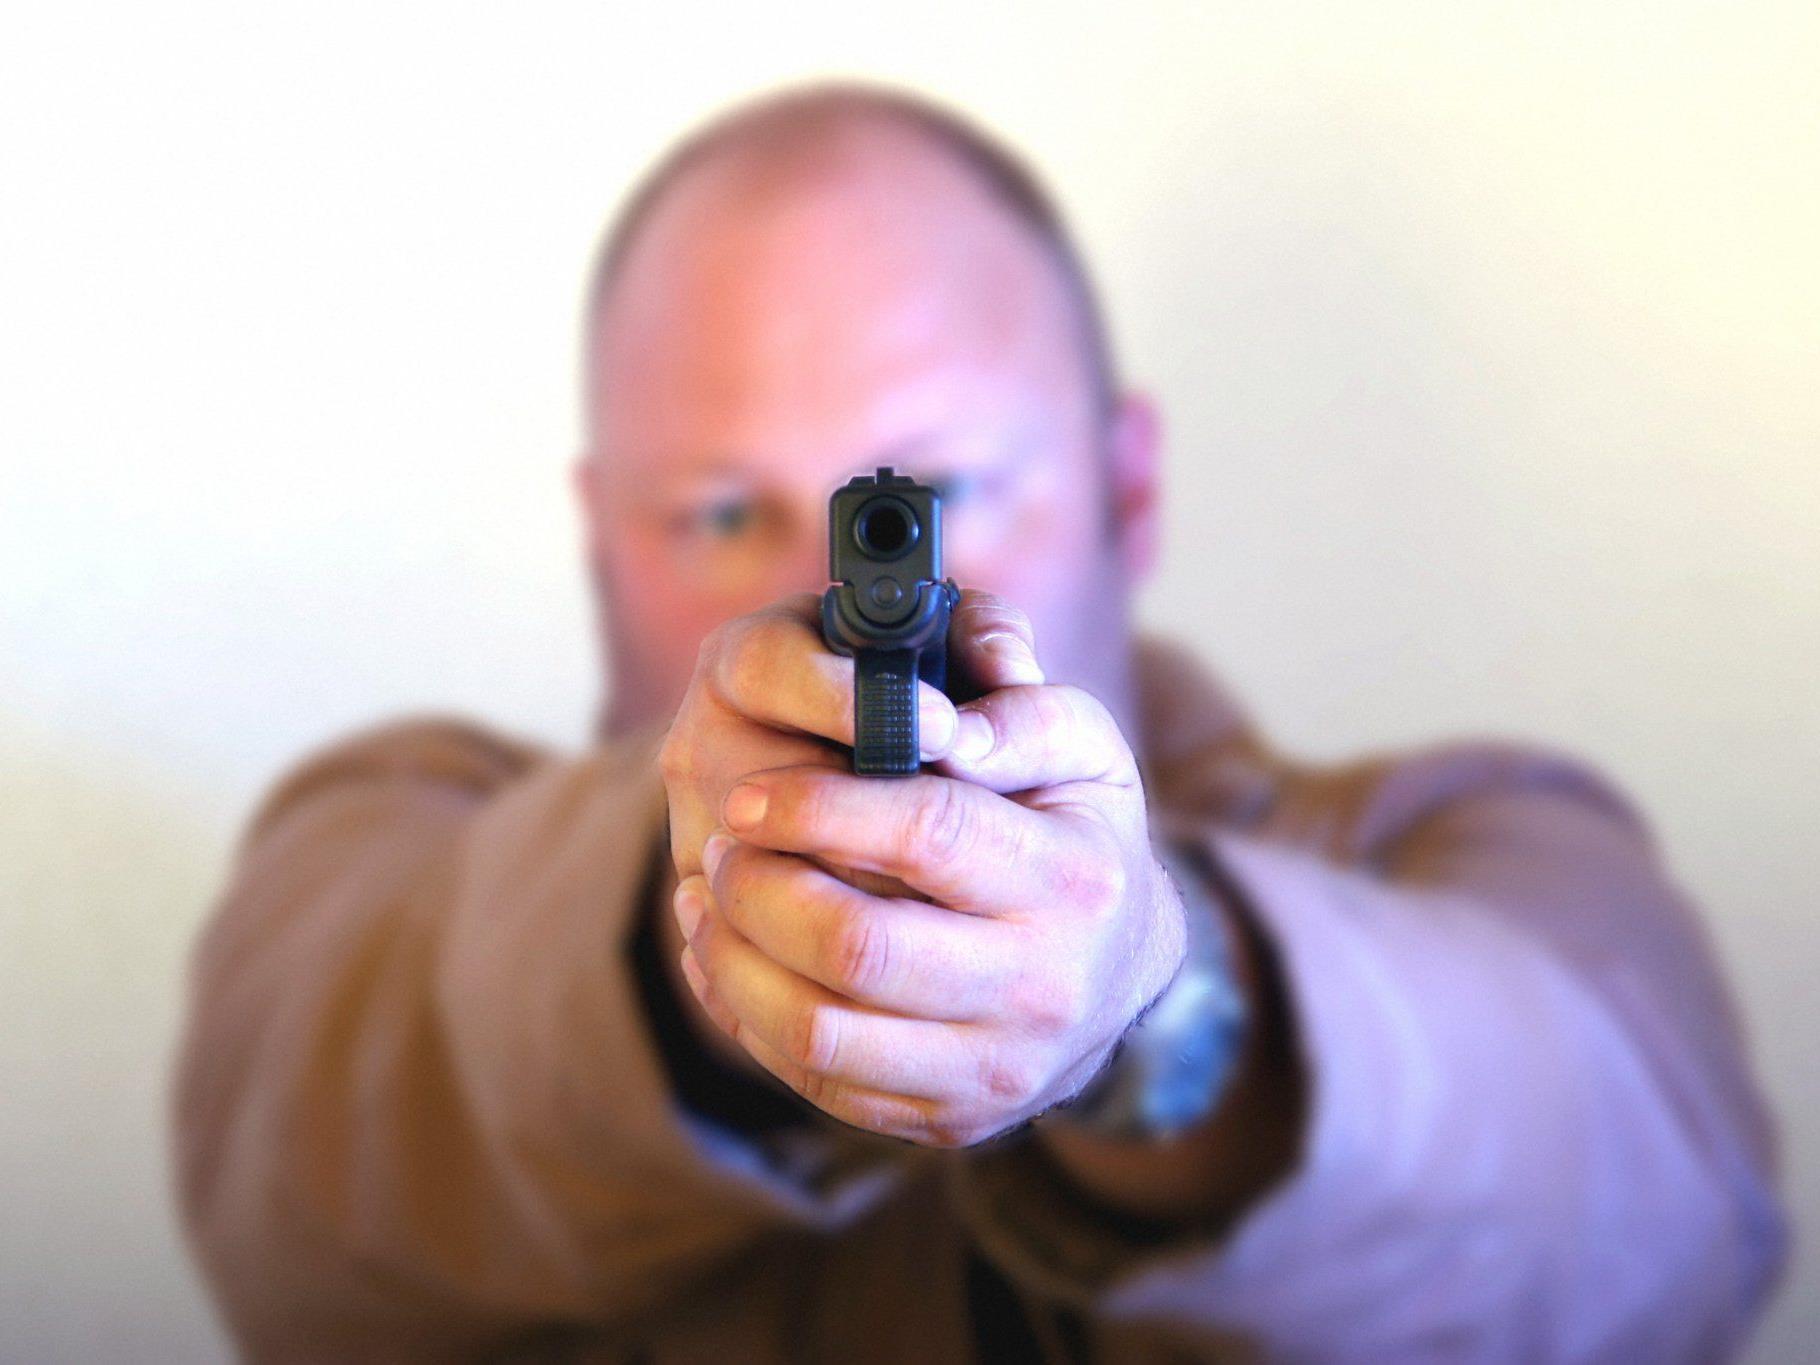 Mit einer Pistole bedrohte der Räuber einen Angestellten